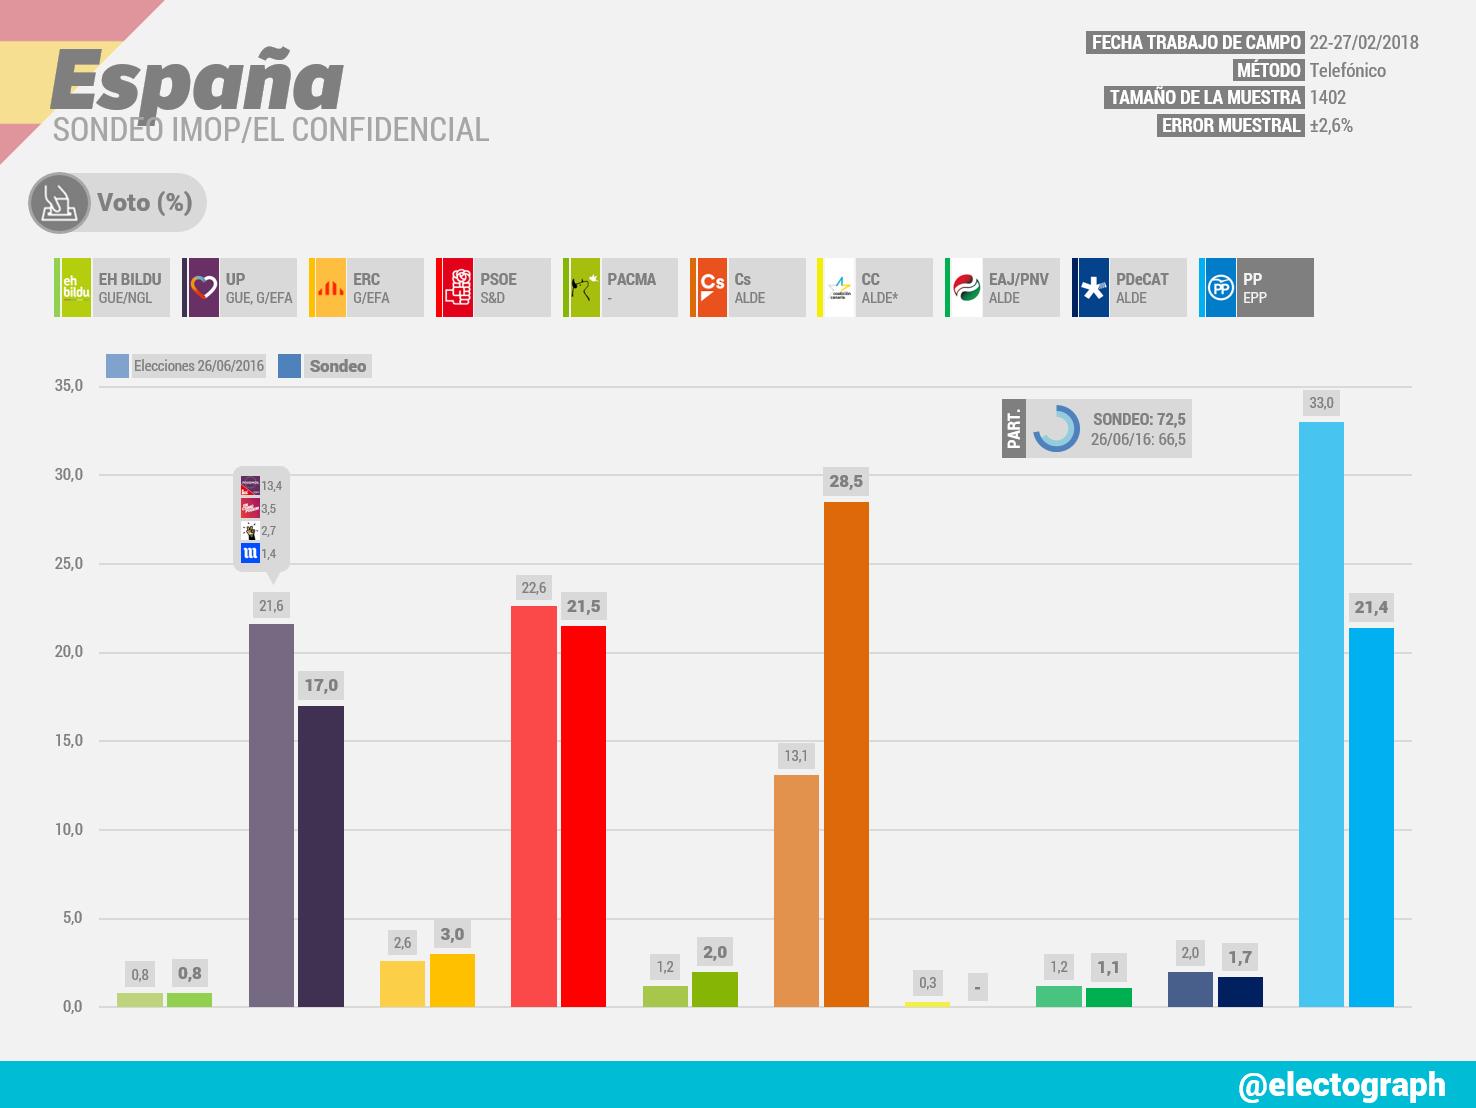 Gráfico de la encuesta para elecciones generales en España realizada por IMOP para El Confidencial en febrero de 2018